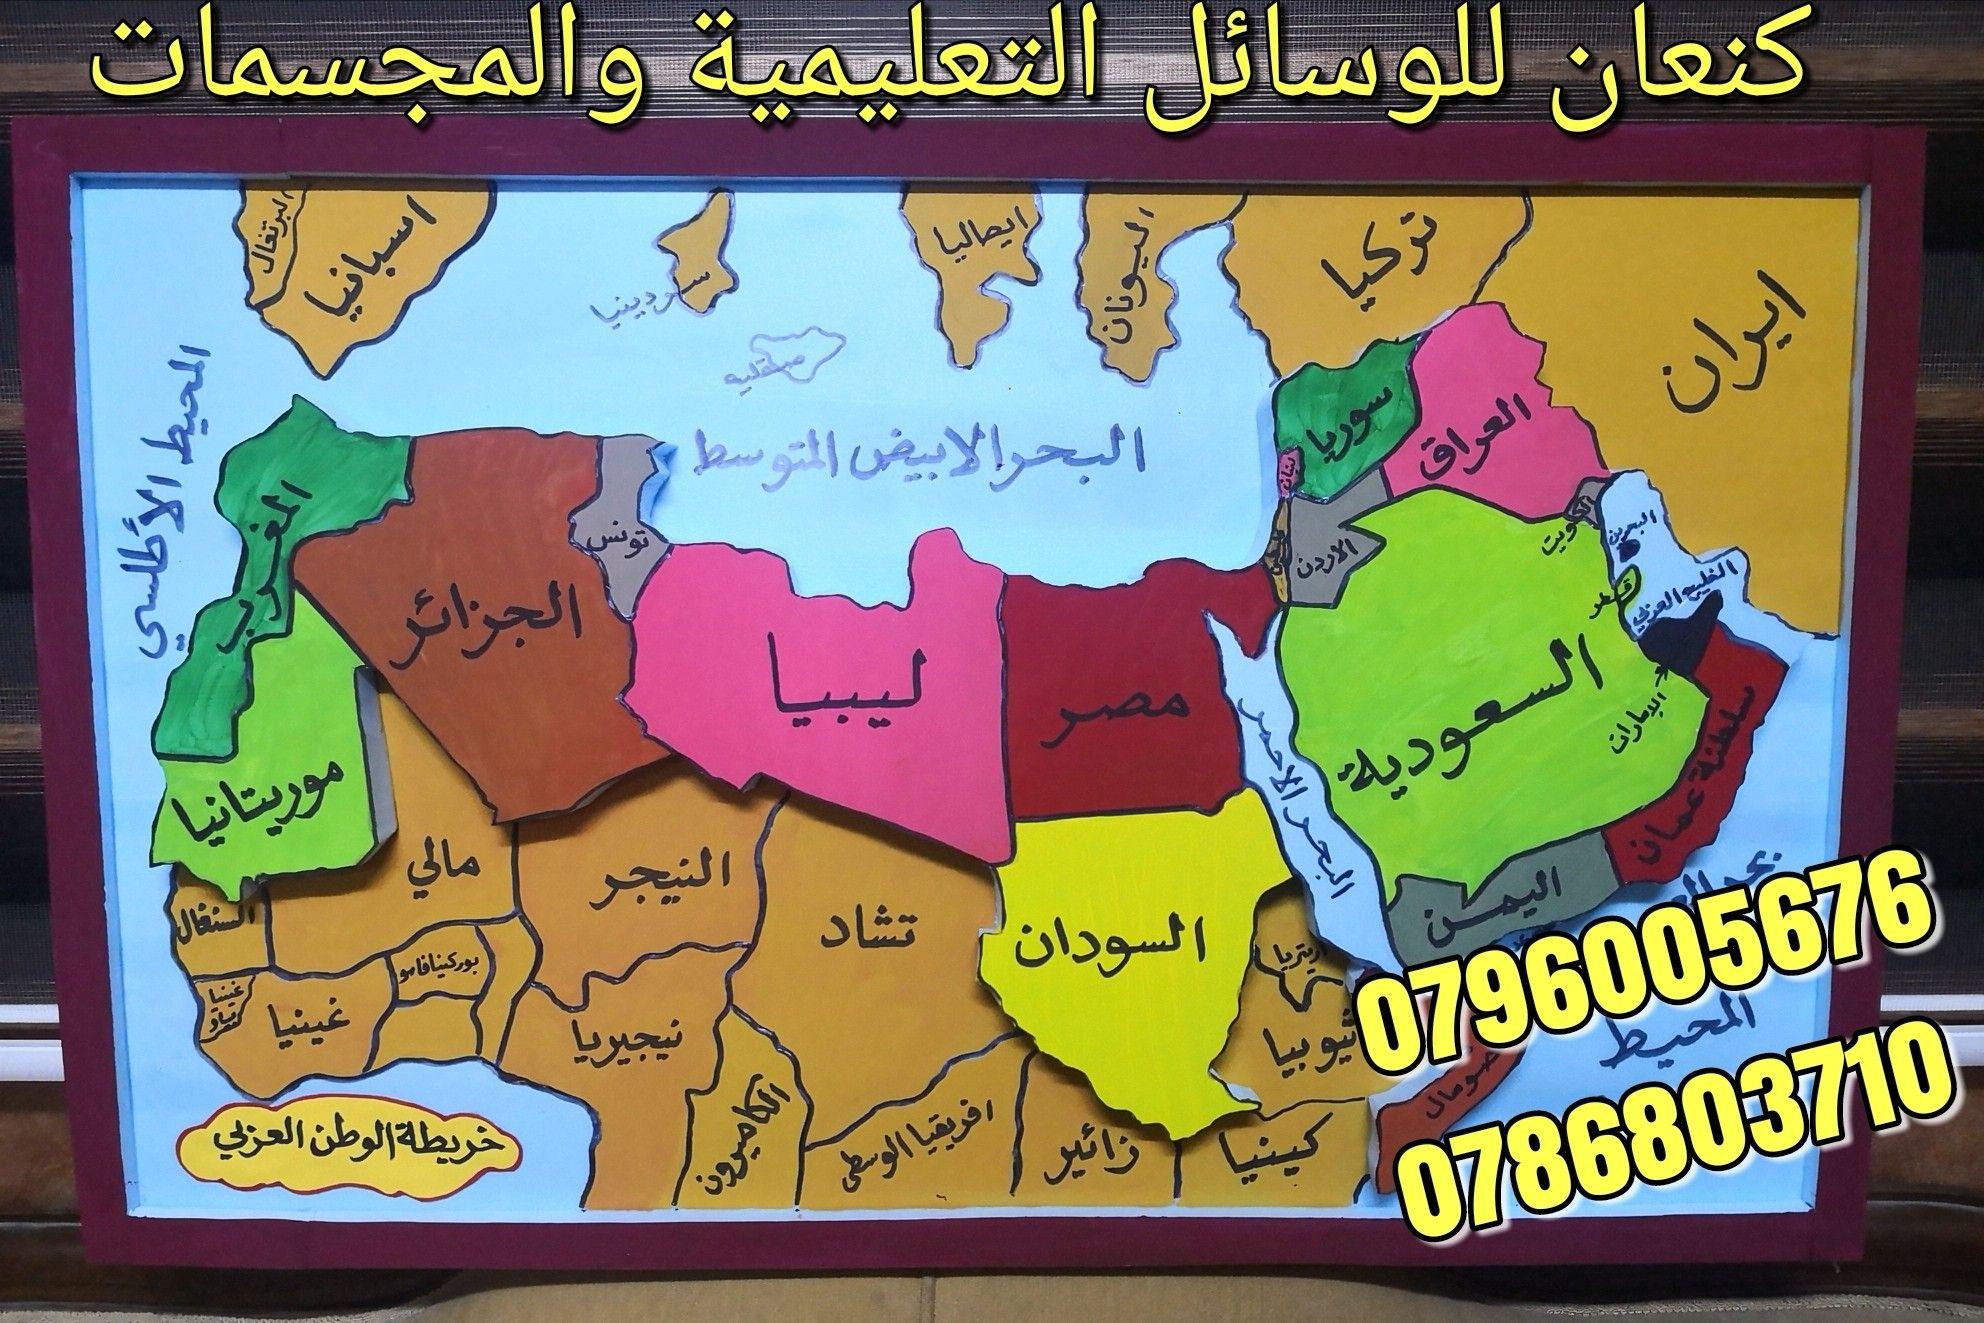 وسيلة تعليمية عن خريطة الوطن العربي Social Studies Learn English Education